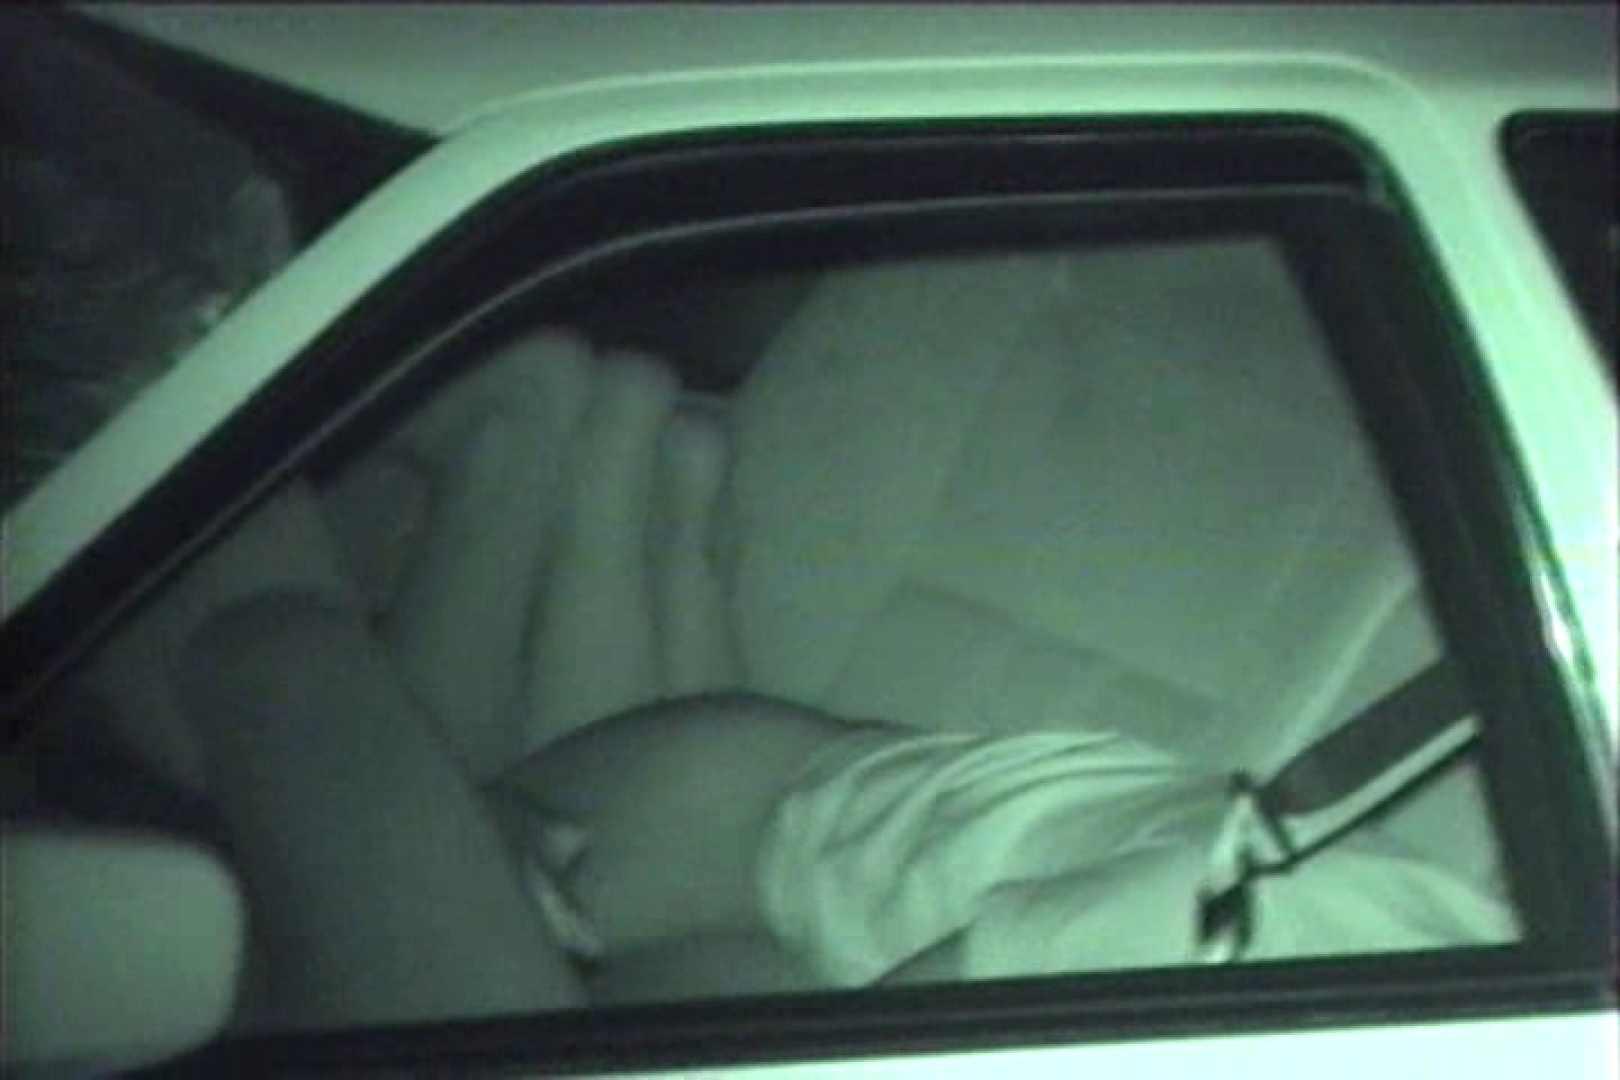 車の中はラブホテル 無修正版  Vol.17 0 | 0  98画像 74